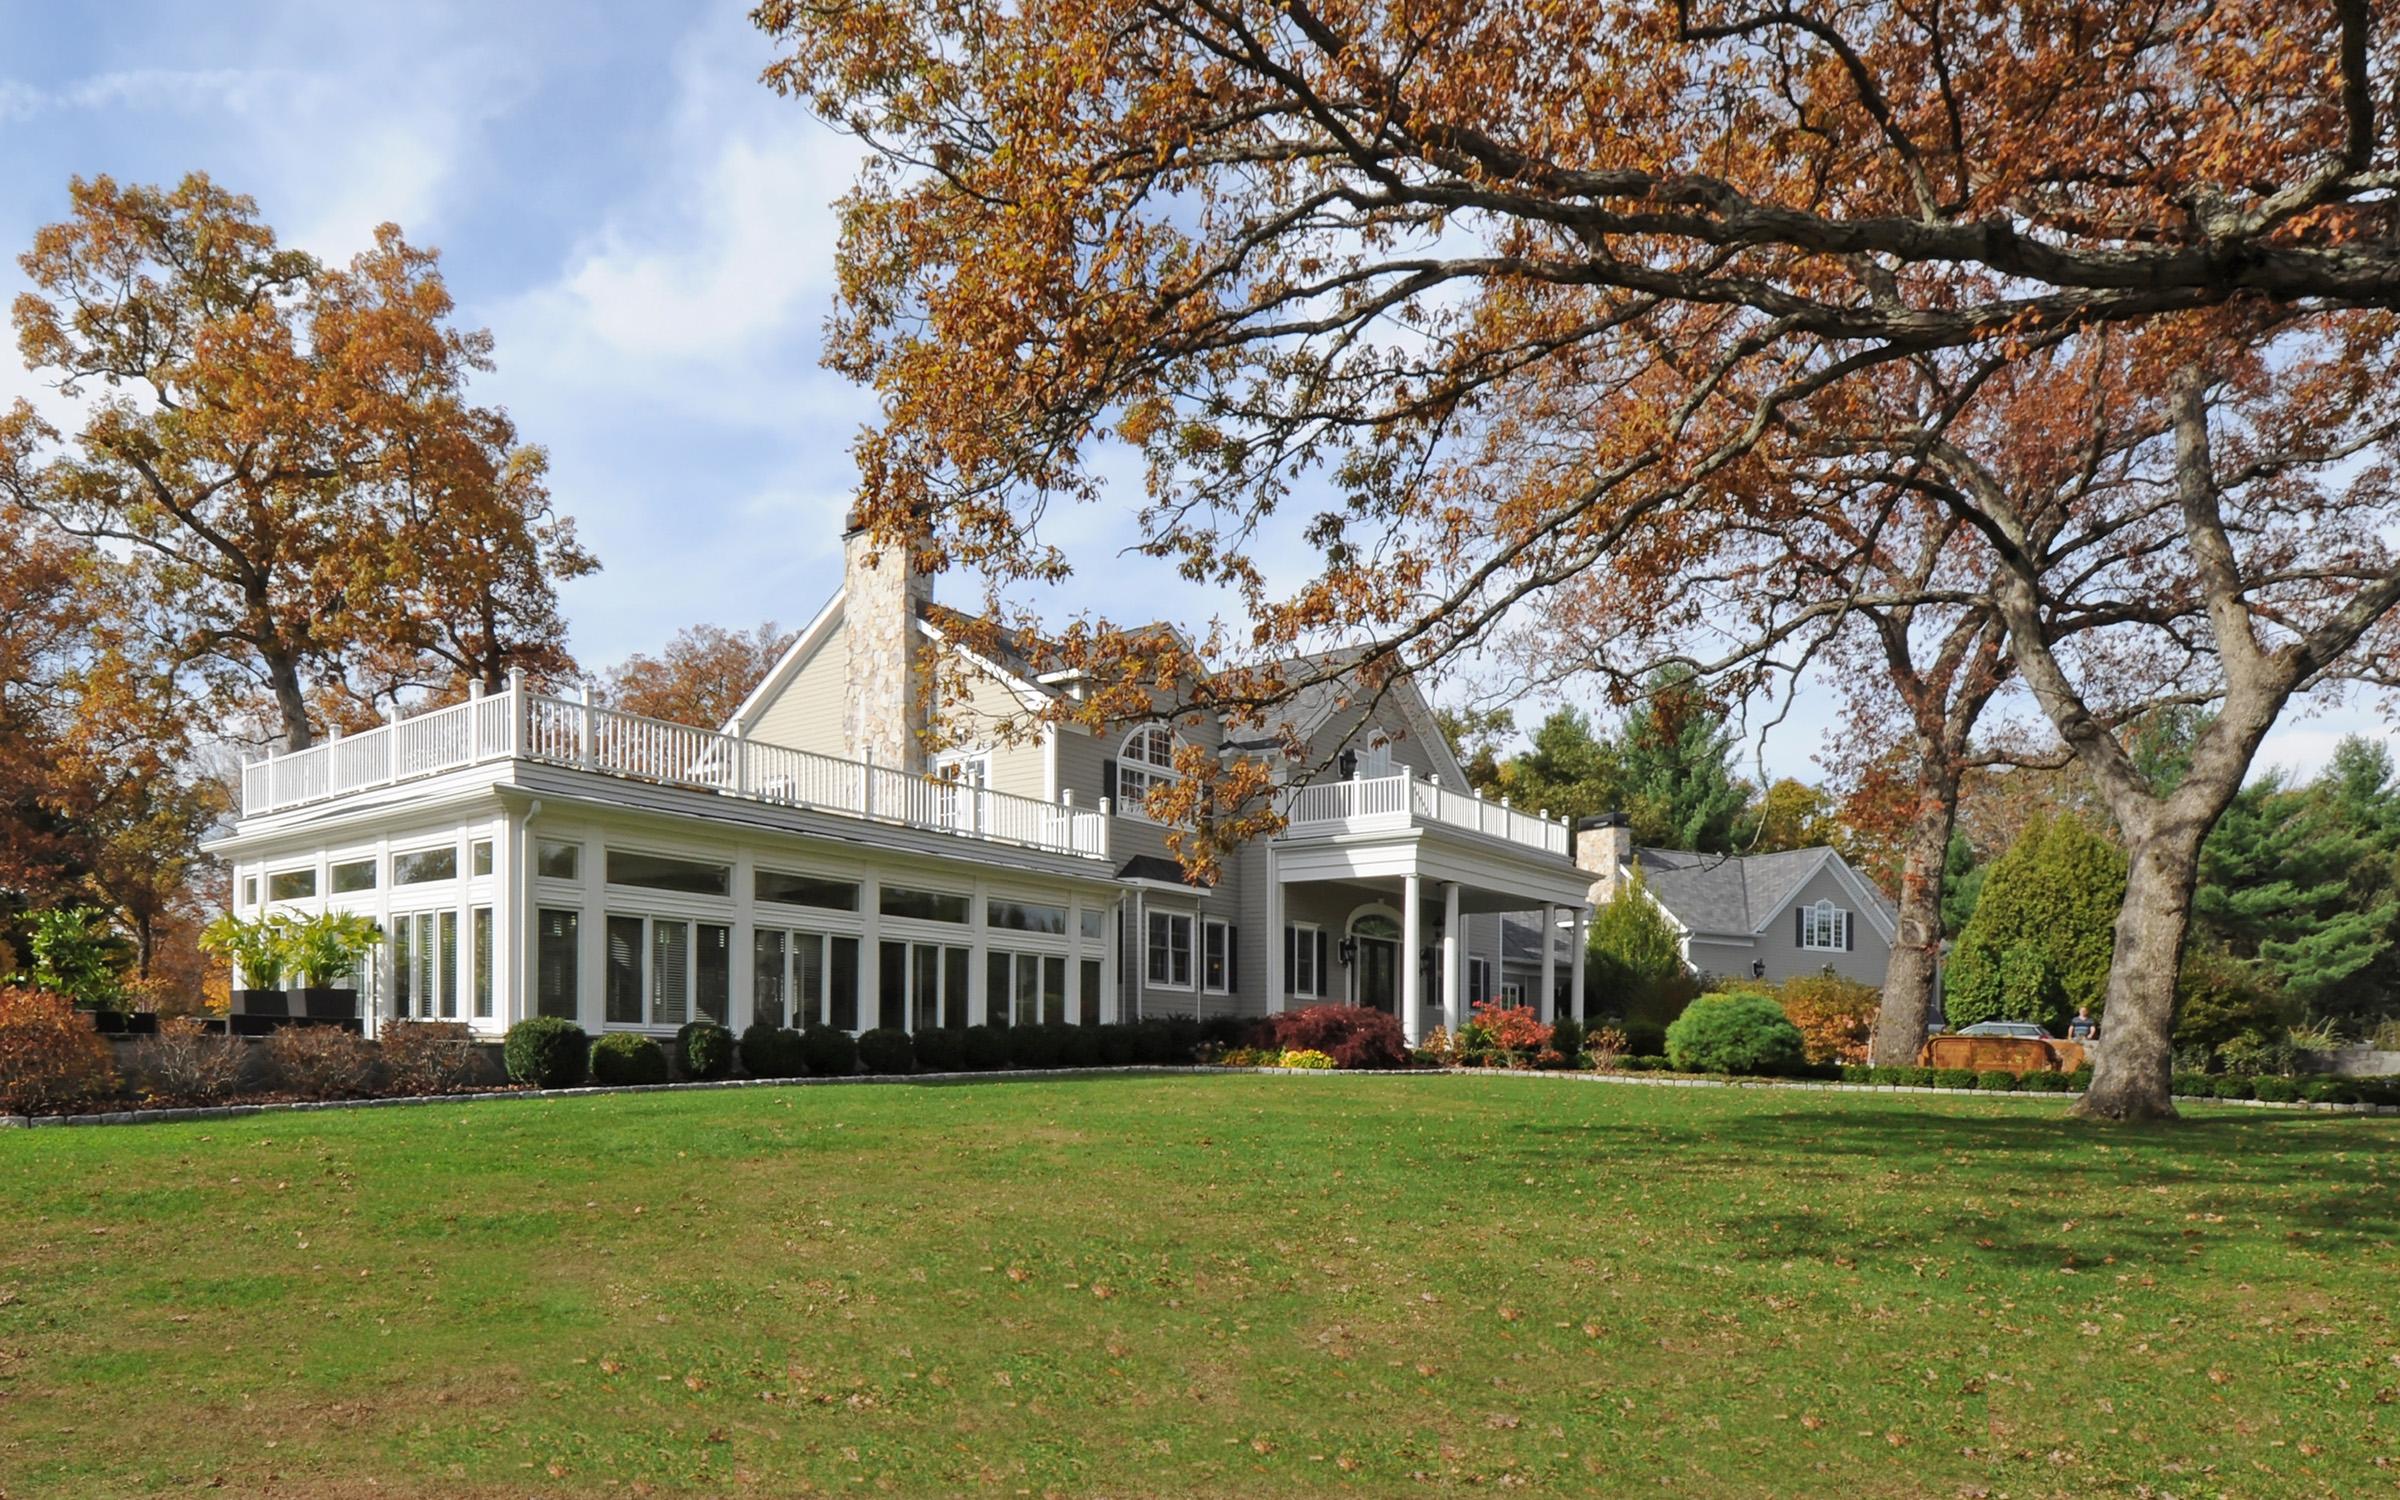 Maison unifamiliale pour l Vente à Exquisite Estate 44 Lillis Road New Milford, Connecticut 06776 États-Unis